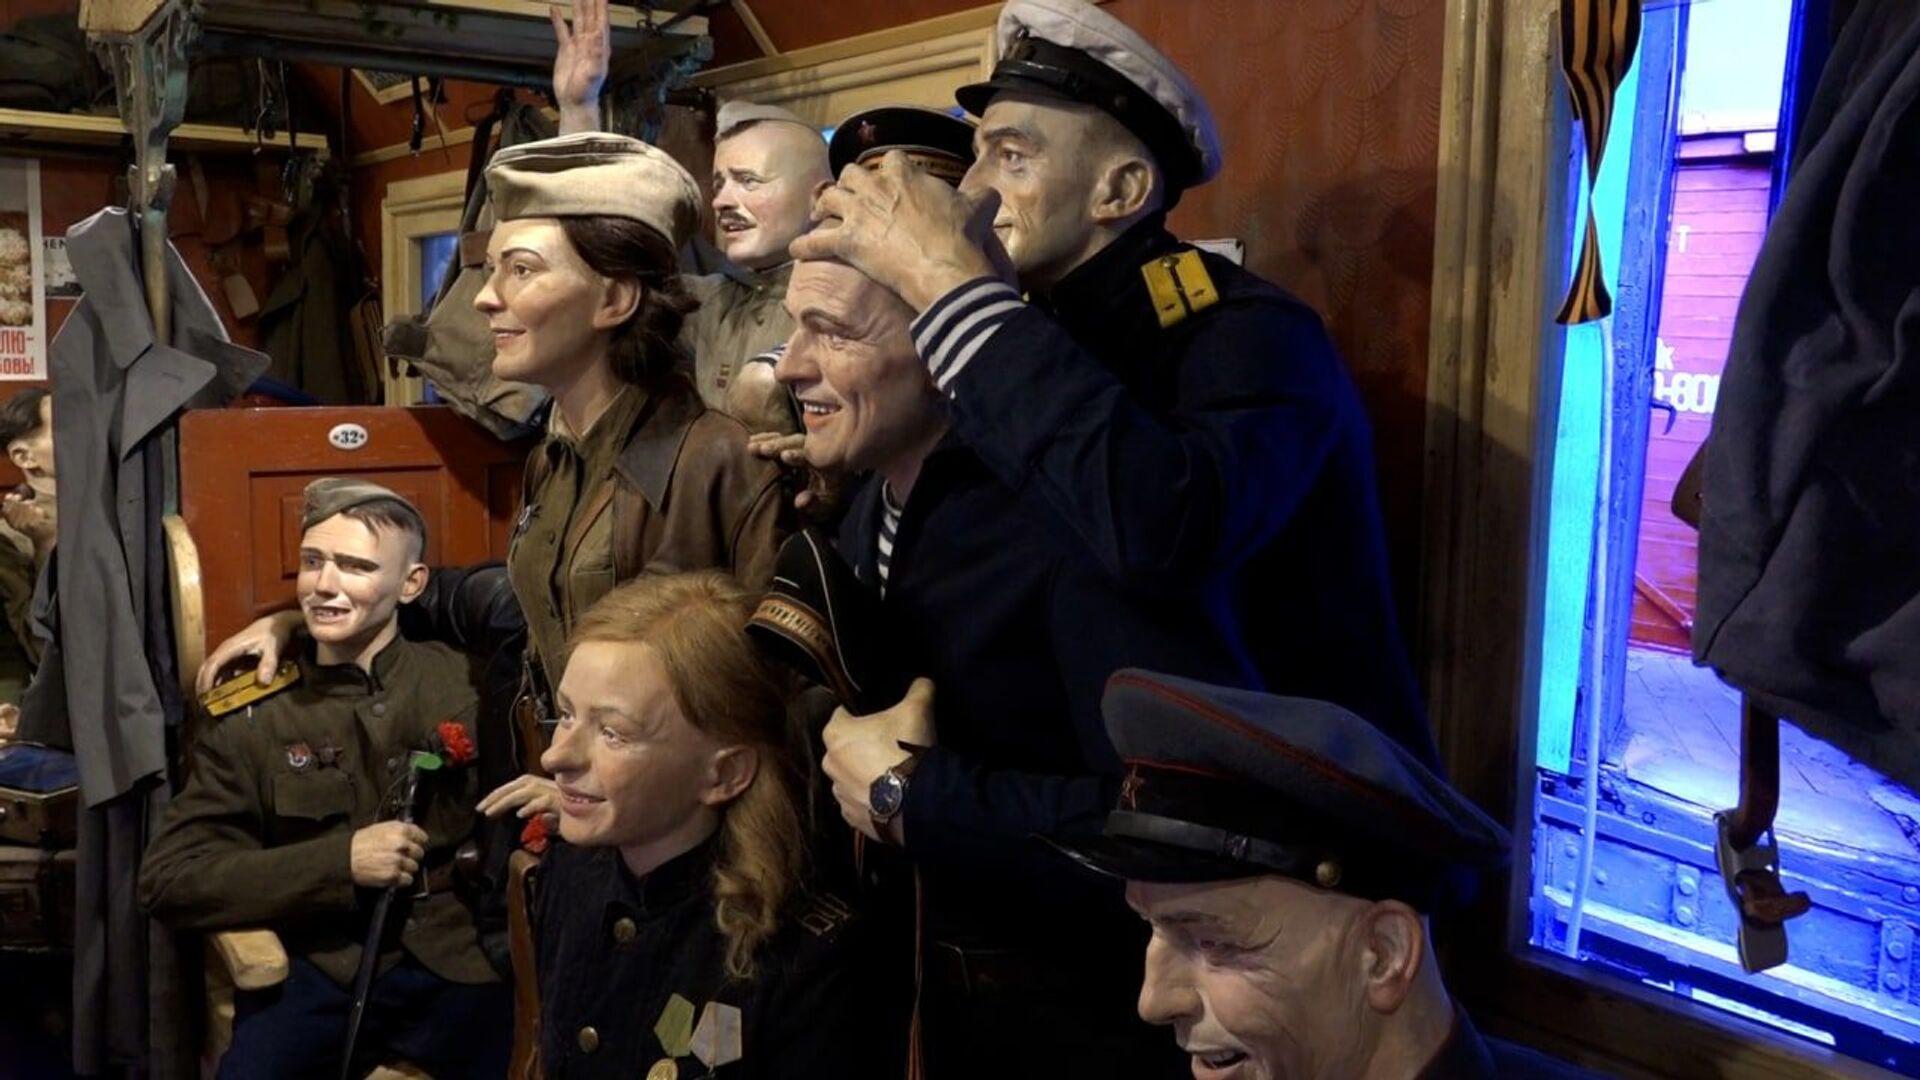 При помощи манекенов попытались воссоздать дух того времени - Sputnik Беларусь, 1920, 29.06.2021